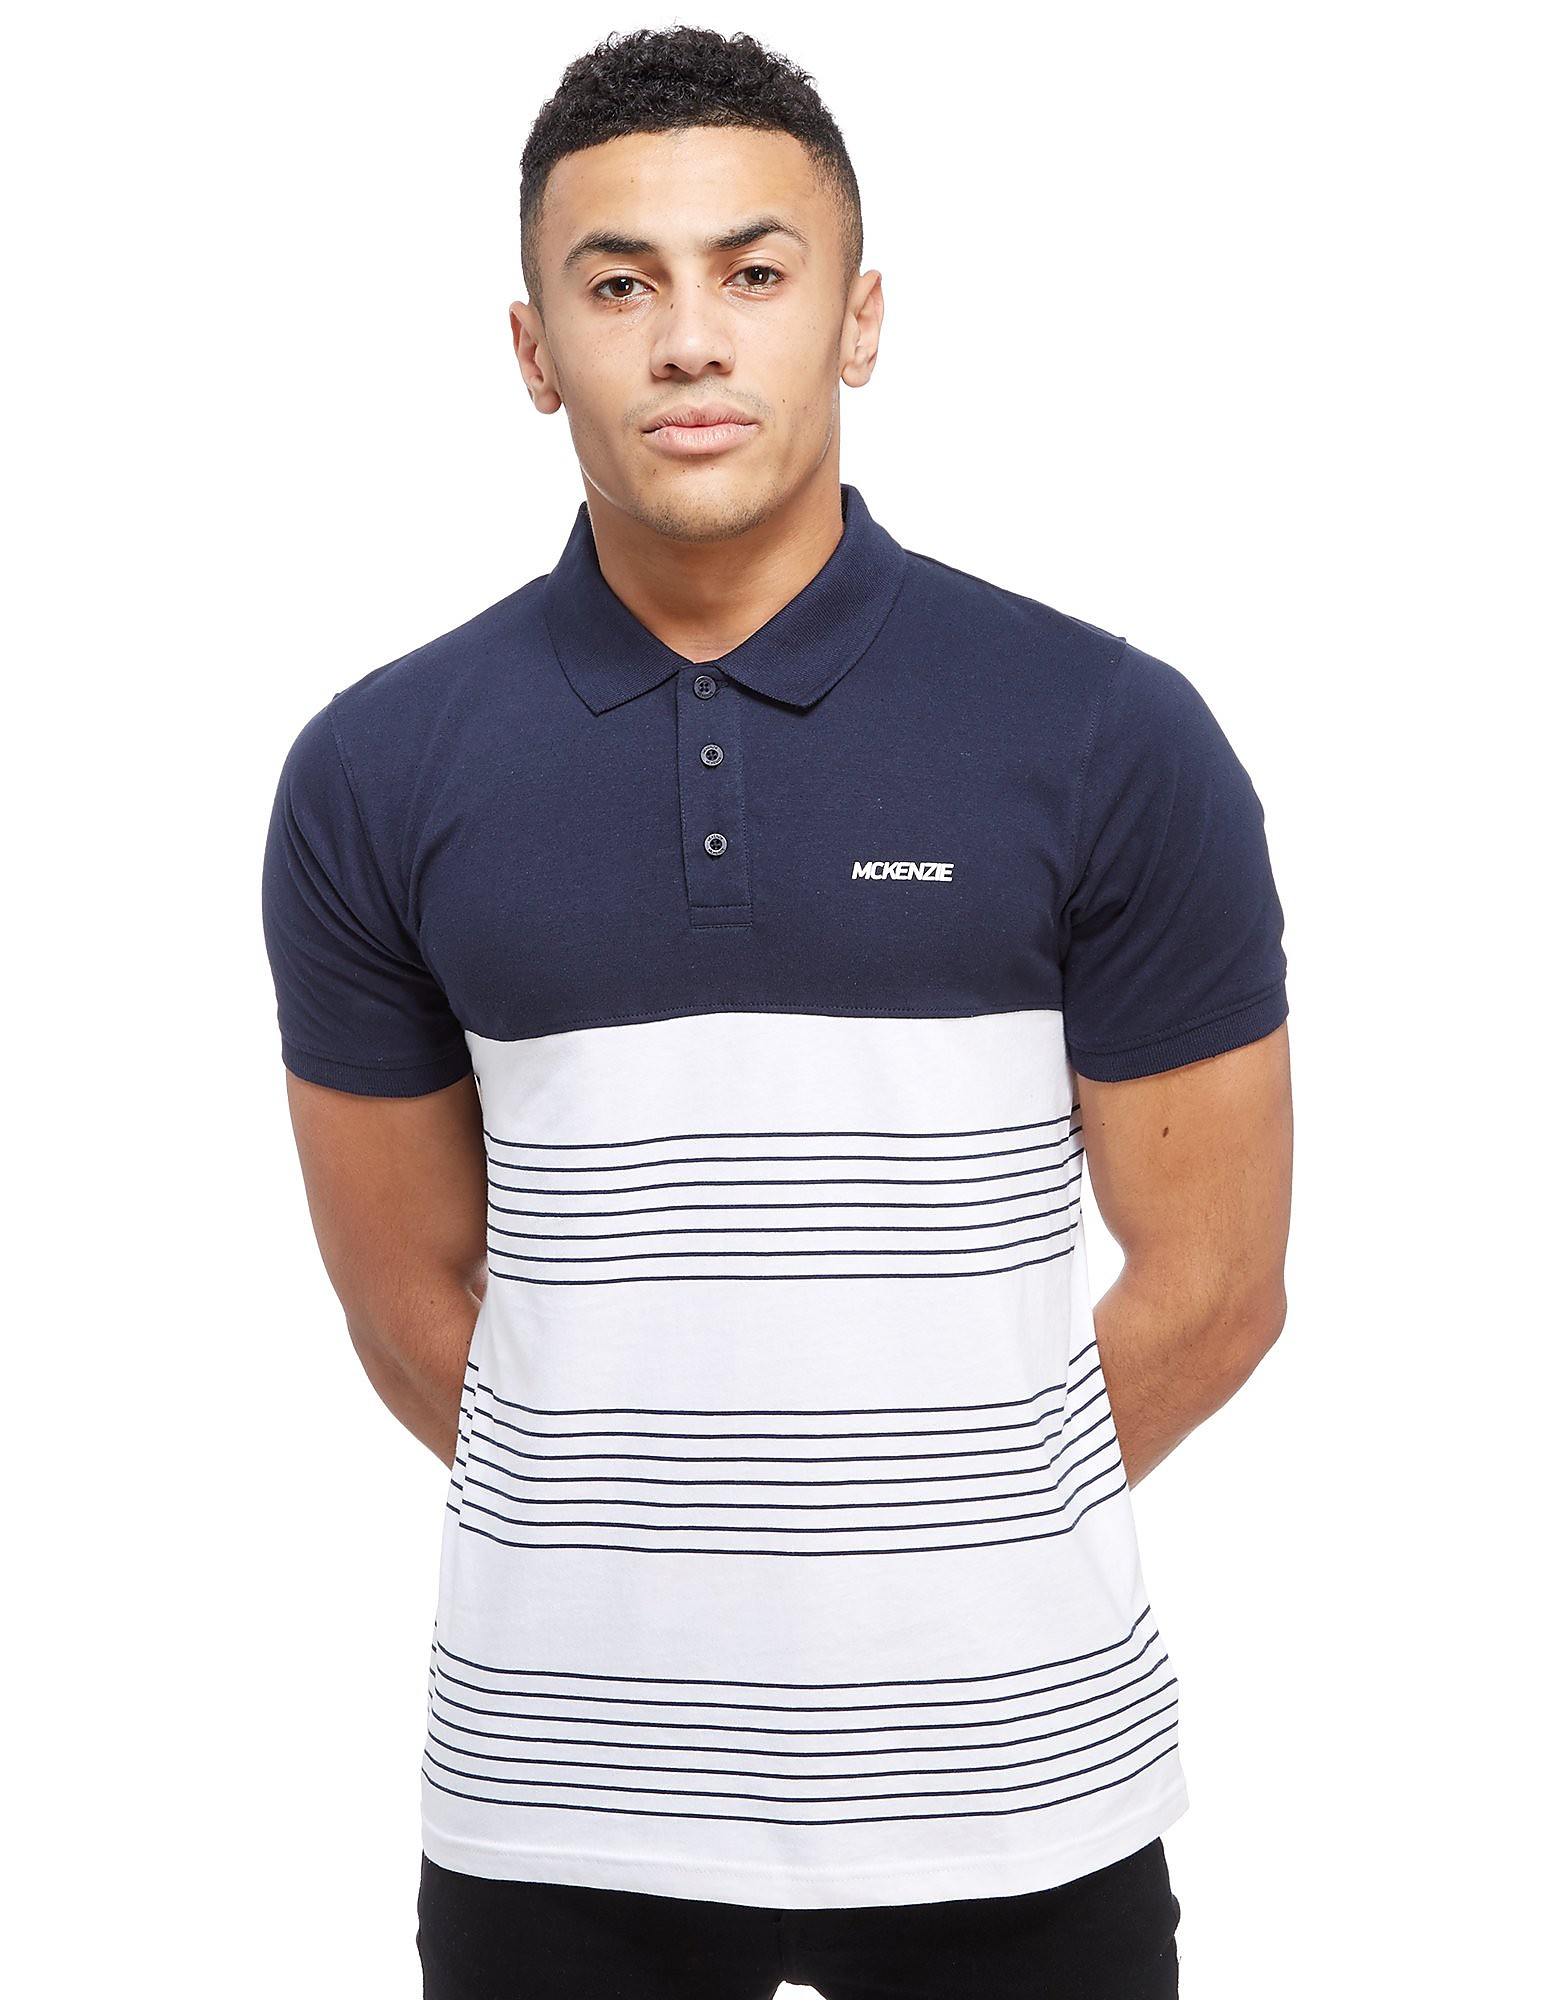 McKenzie Ares Polo Shirt